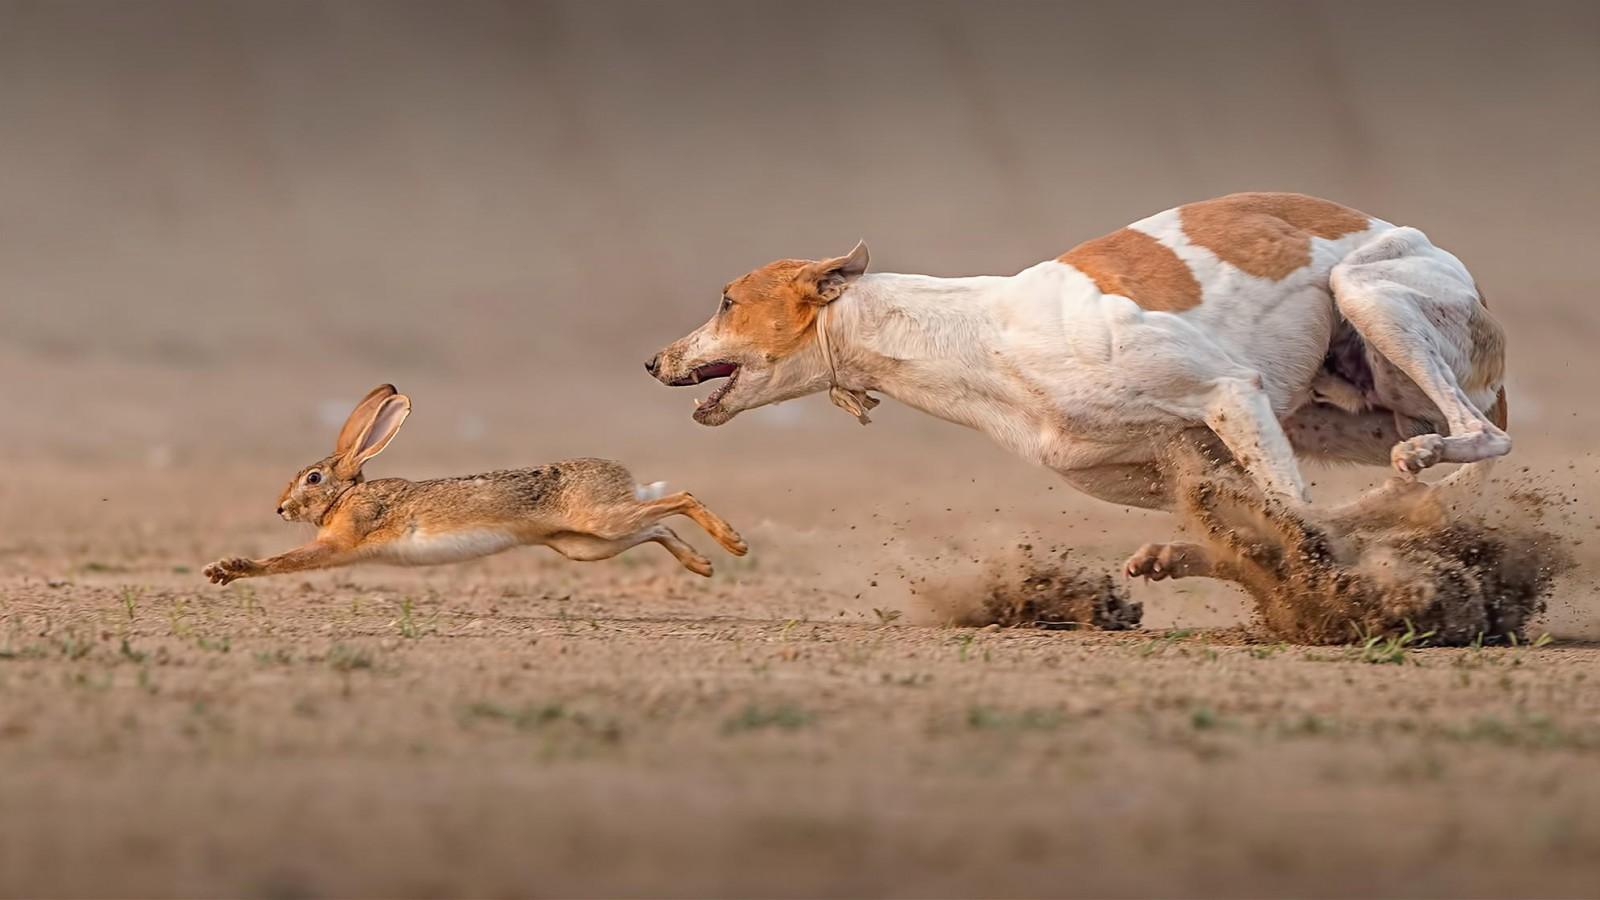 صور صور حيوانات مضحكة , صور جديدة للحيوانات